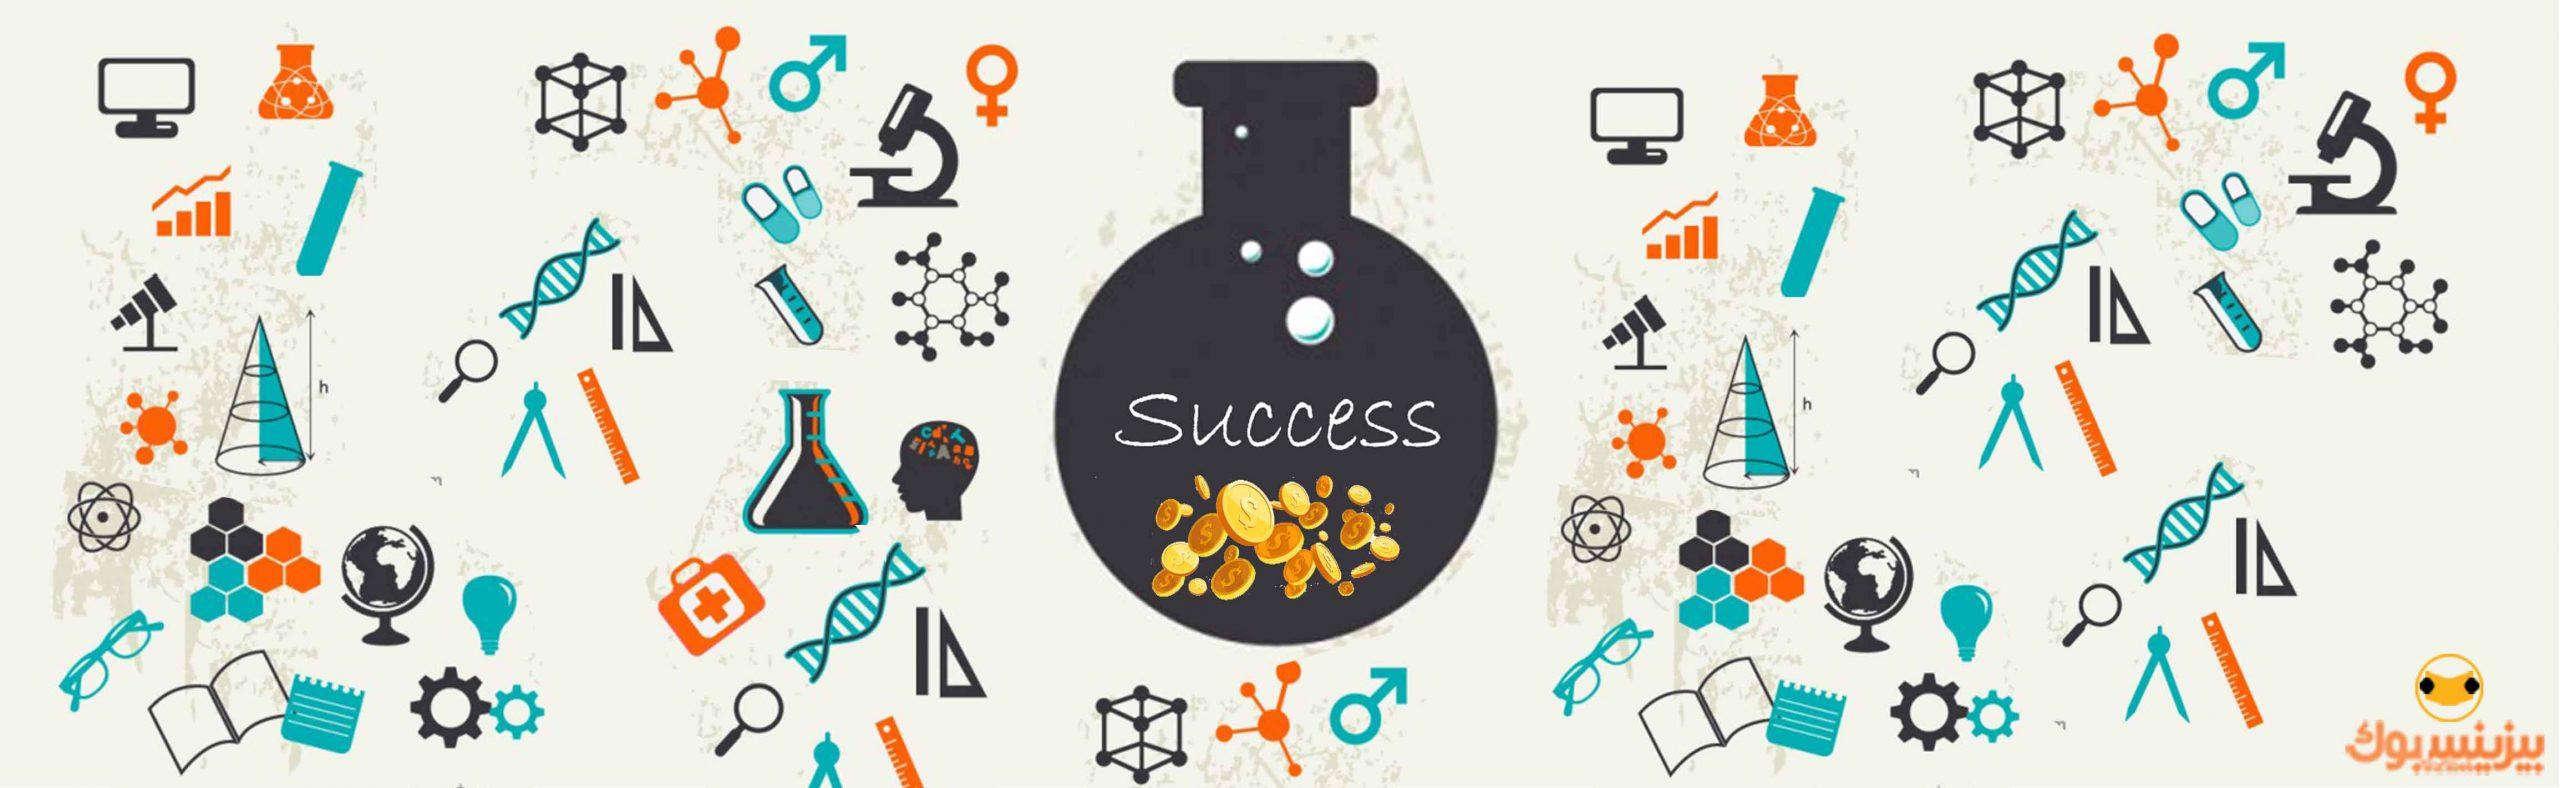 ارتباط DNA با کارآفرینان موفق!